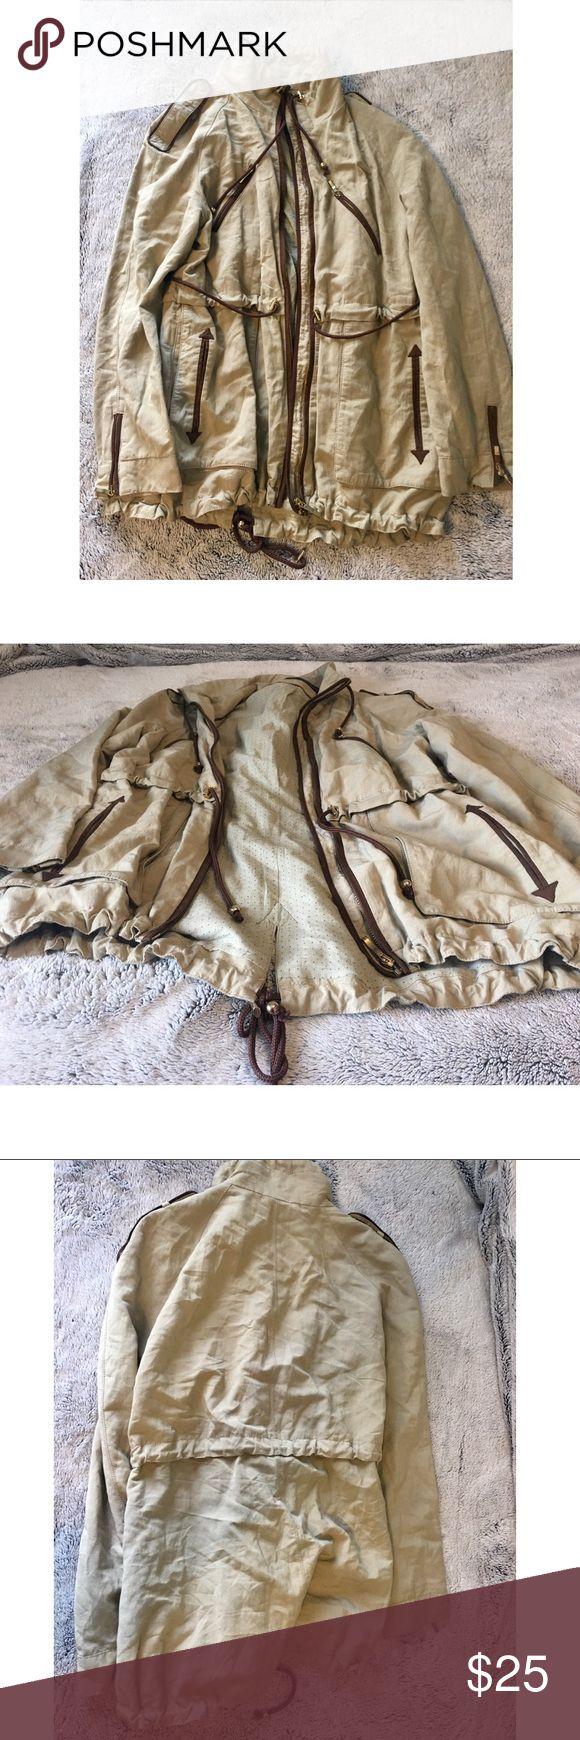 Zara Jacket • Tan / Khaki Zara Jacket • True To Size • Price Is Firm Zara Jackets & Coats